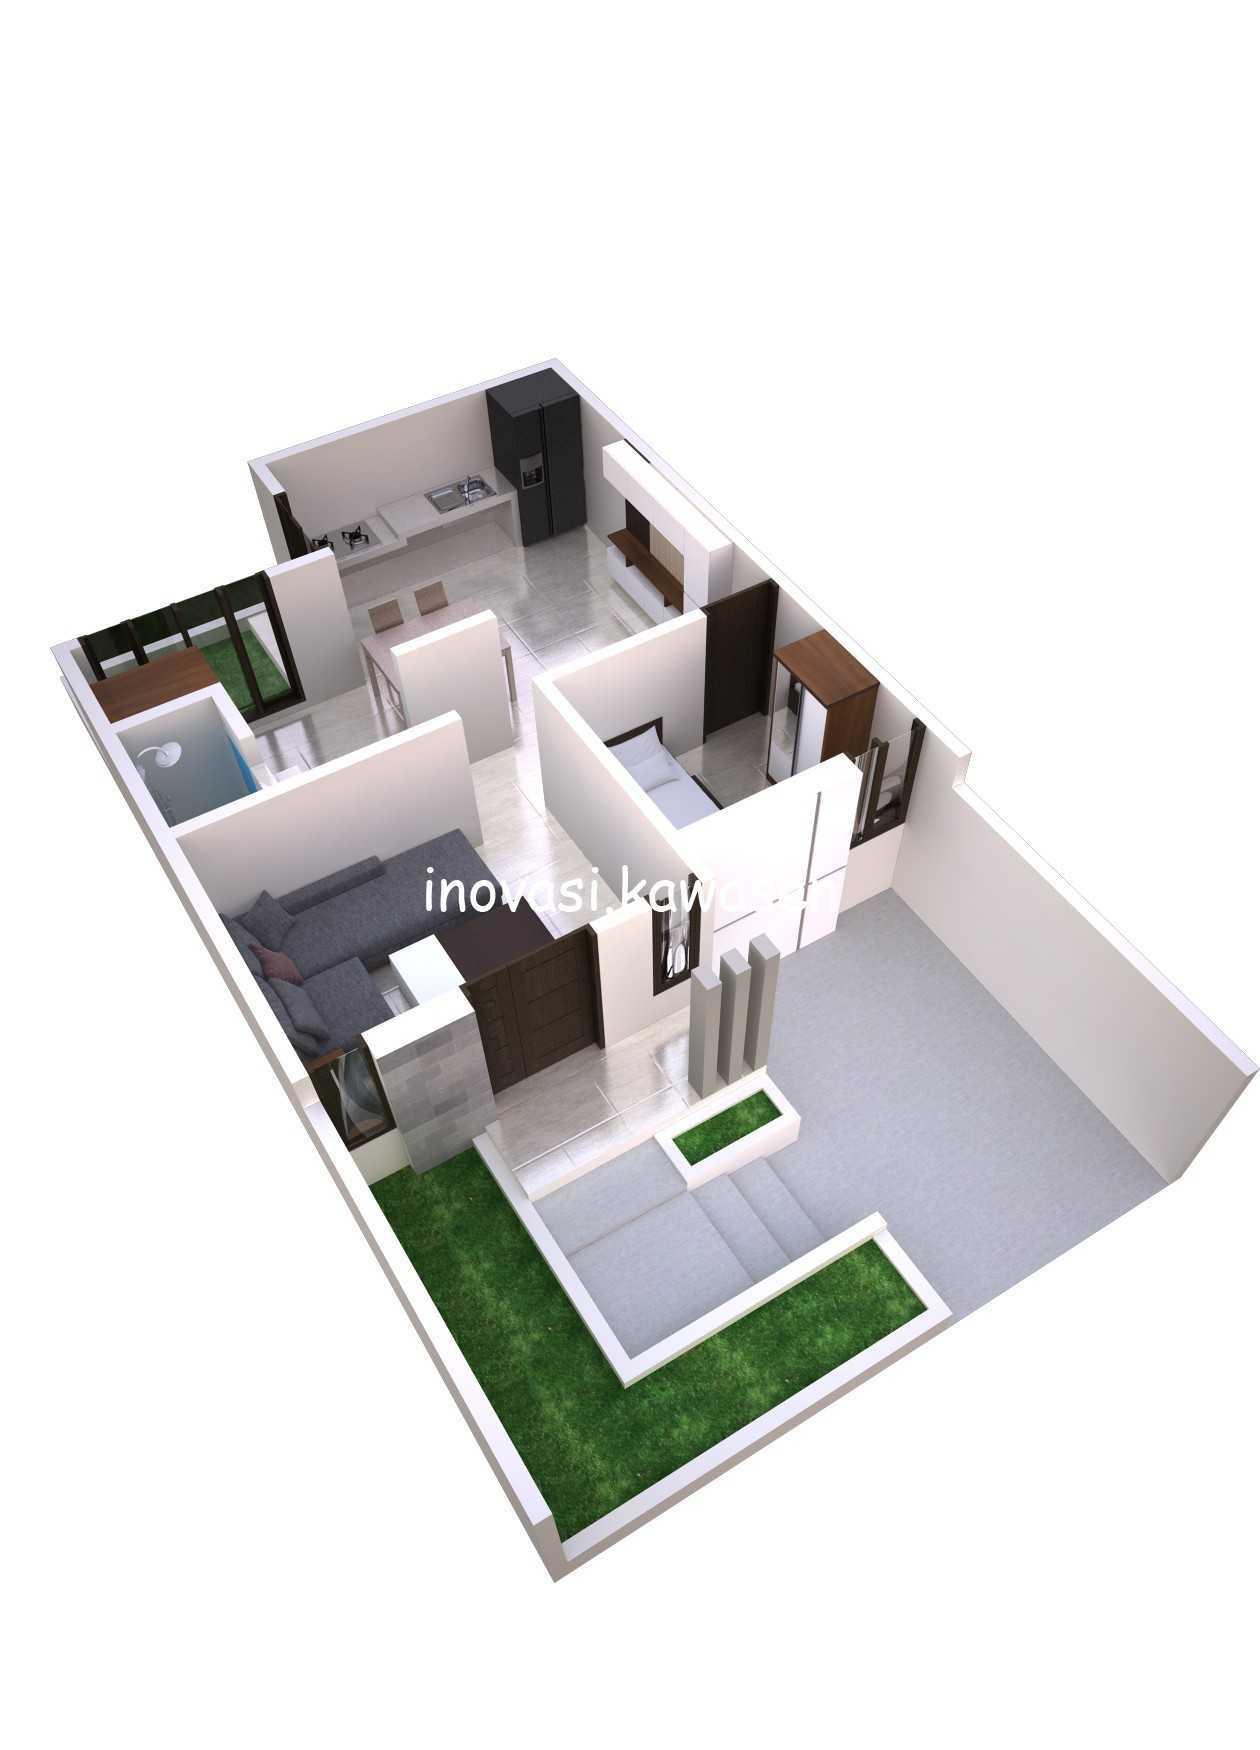 Inovasi Kawasen Renovasi Rumah Type 45 ( Desain ) Kota Depok, Jawa Barat, Indonesia Kota Depok, Jawa Barat, Indonesia Inovasi-Kawasen-Renovasi-Rumah-Type-45-Desain-  89835